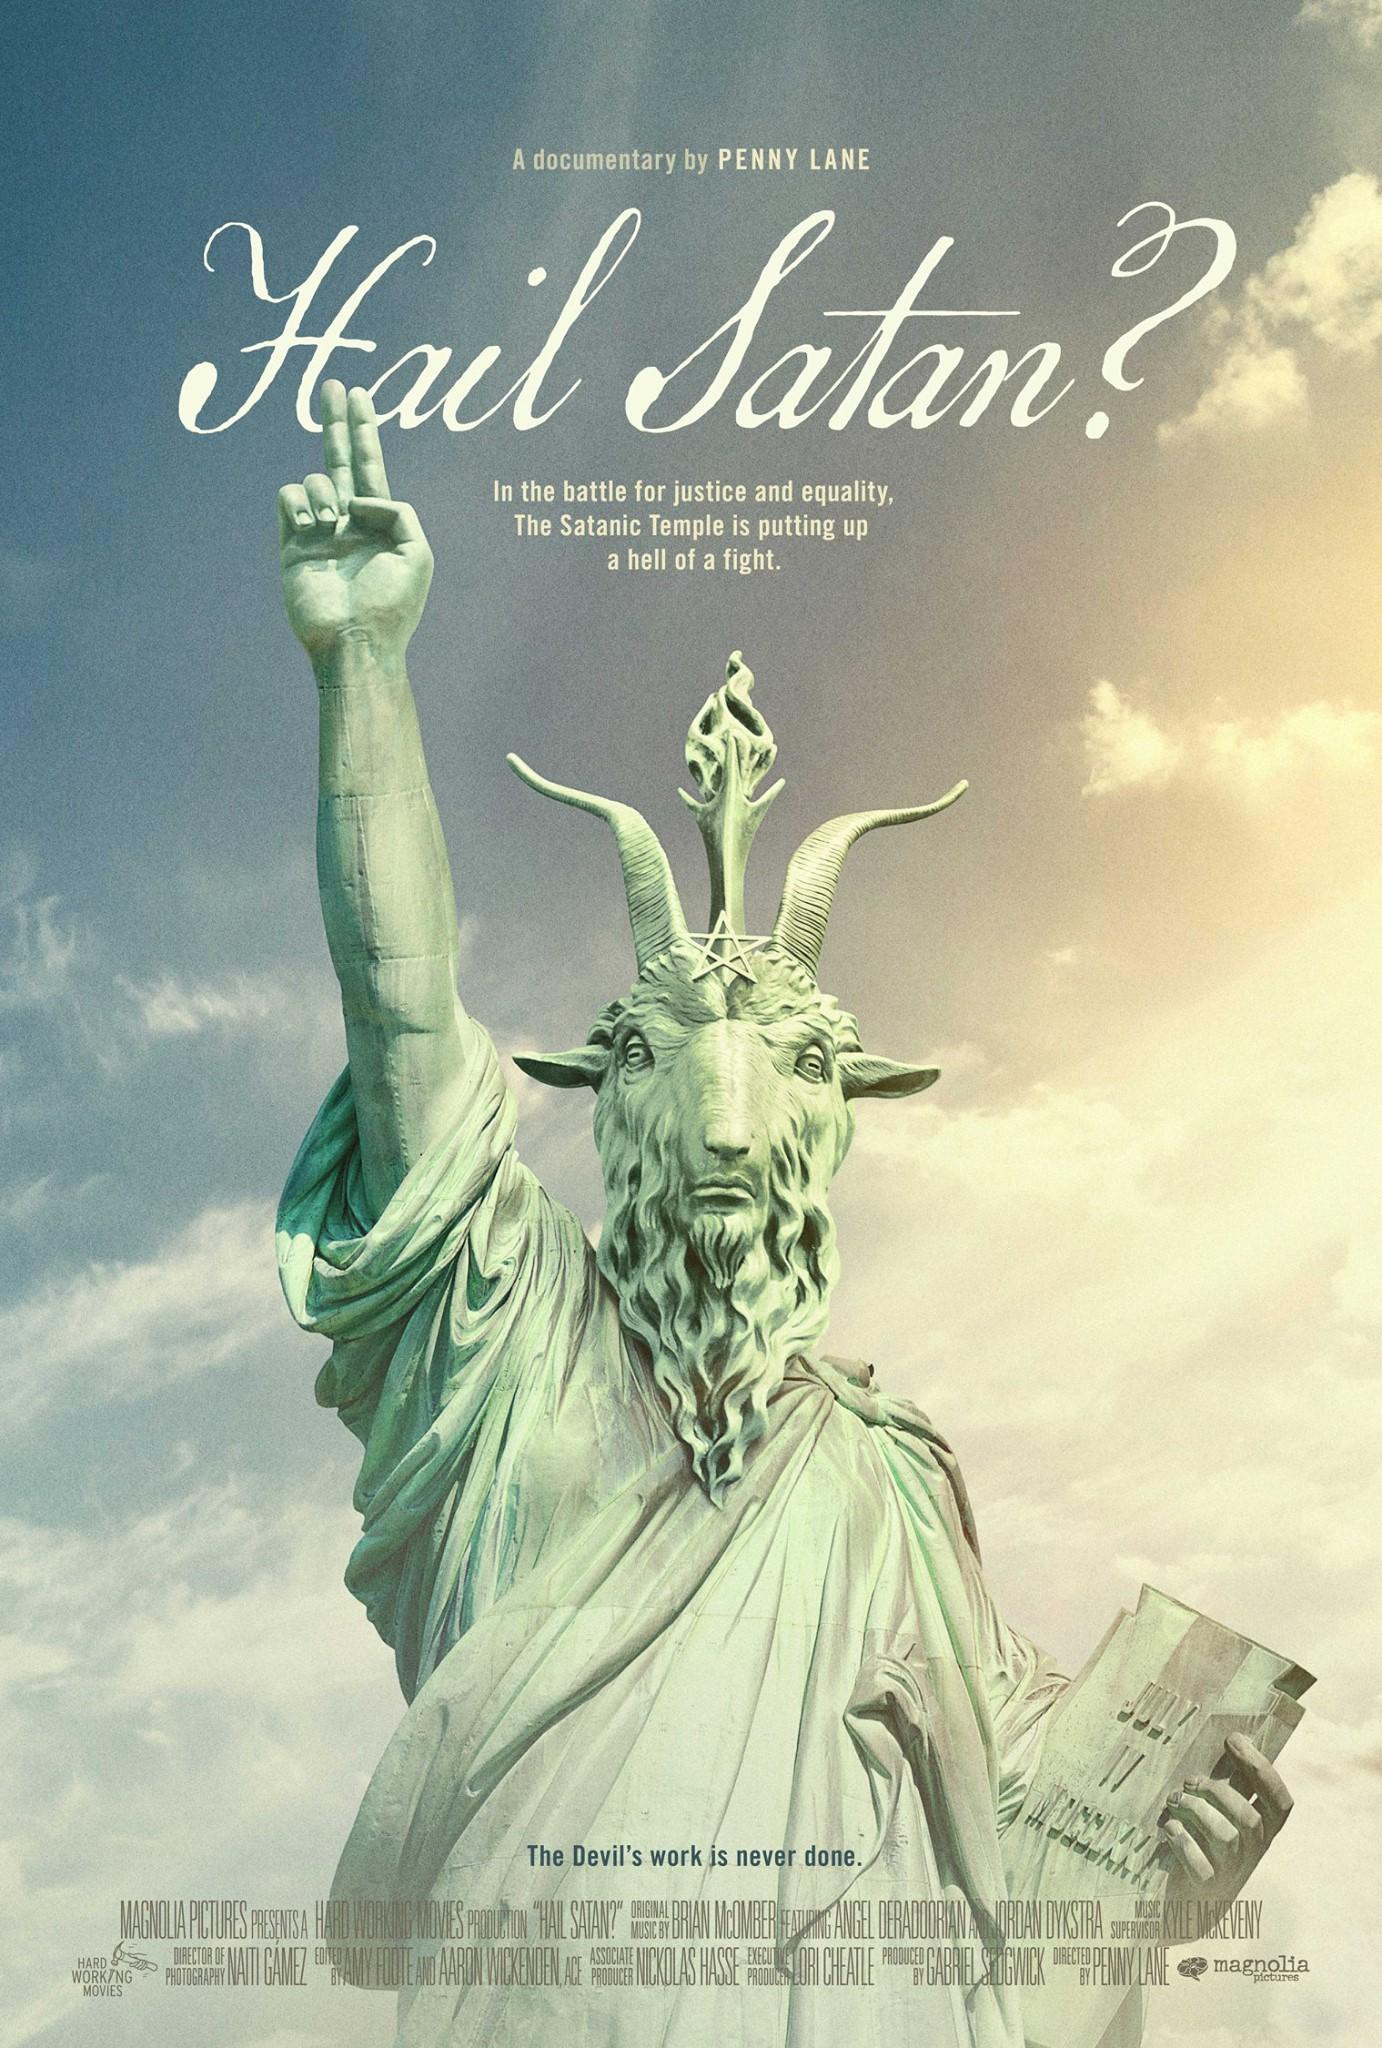 Hail Satan Image